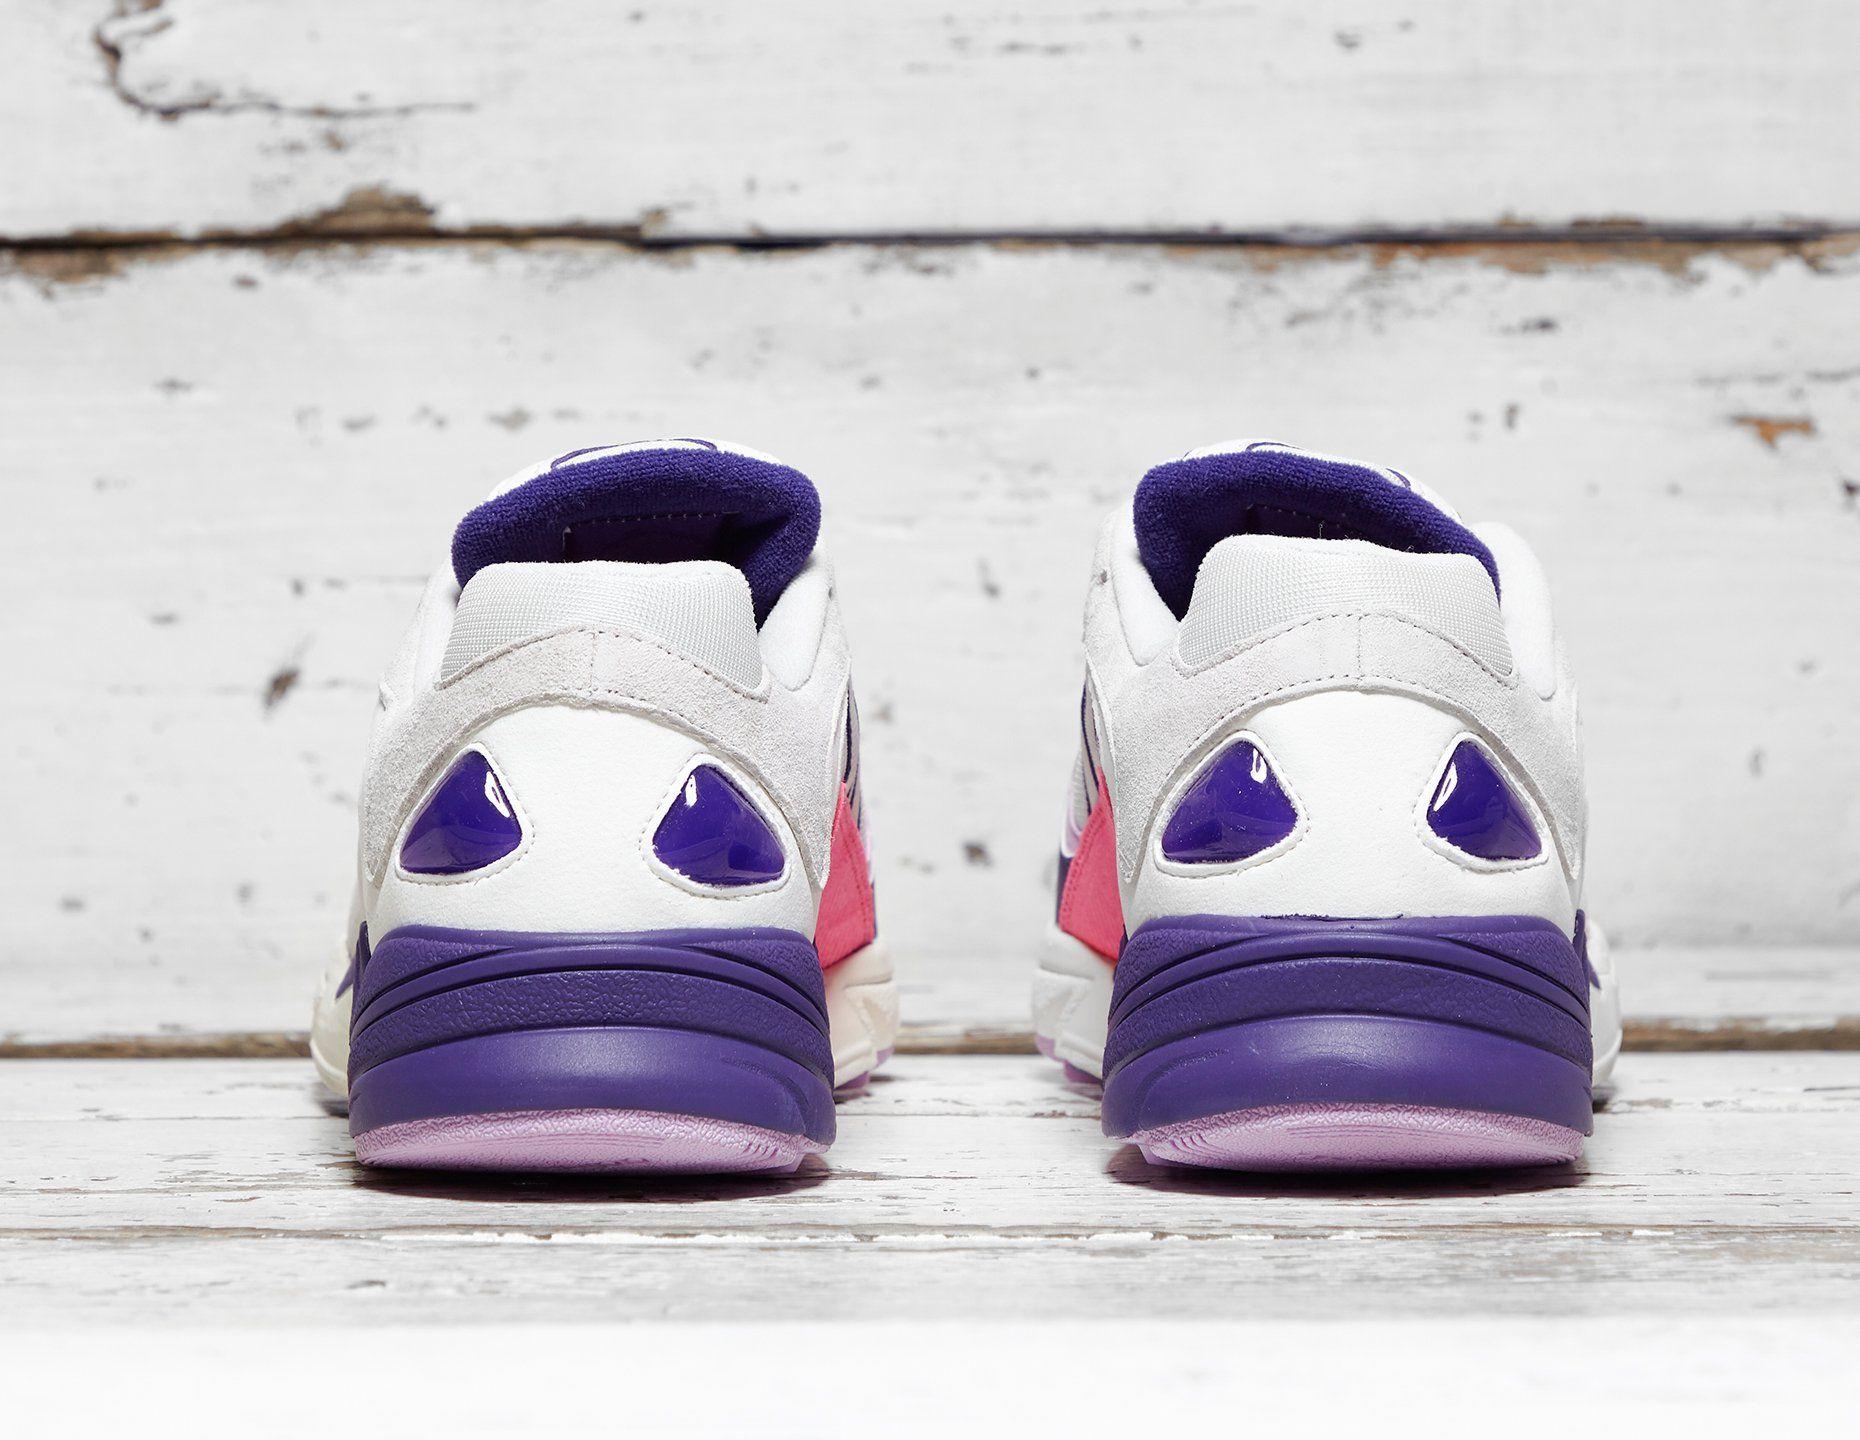 adidas Originals x Dragonball Z Yung-1